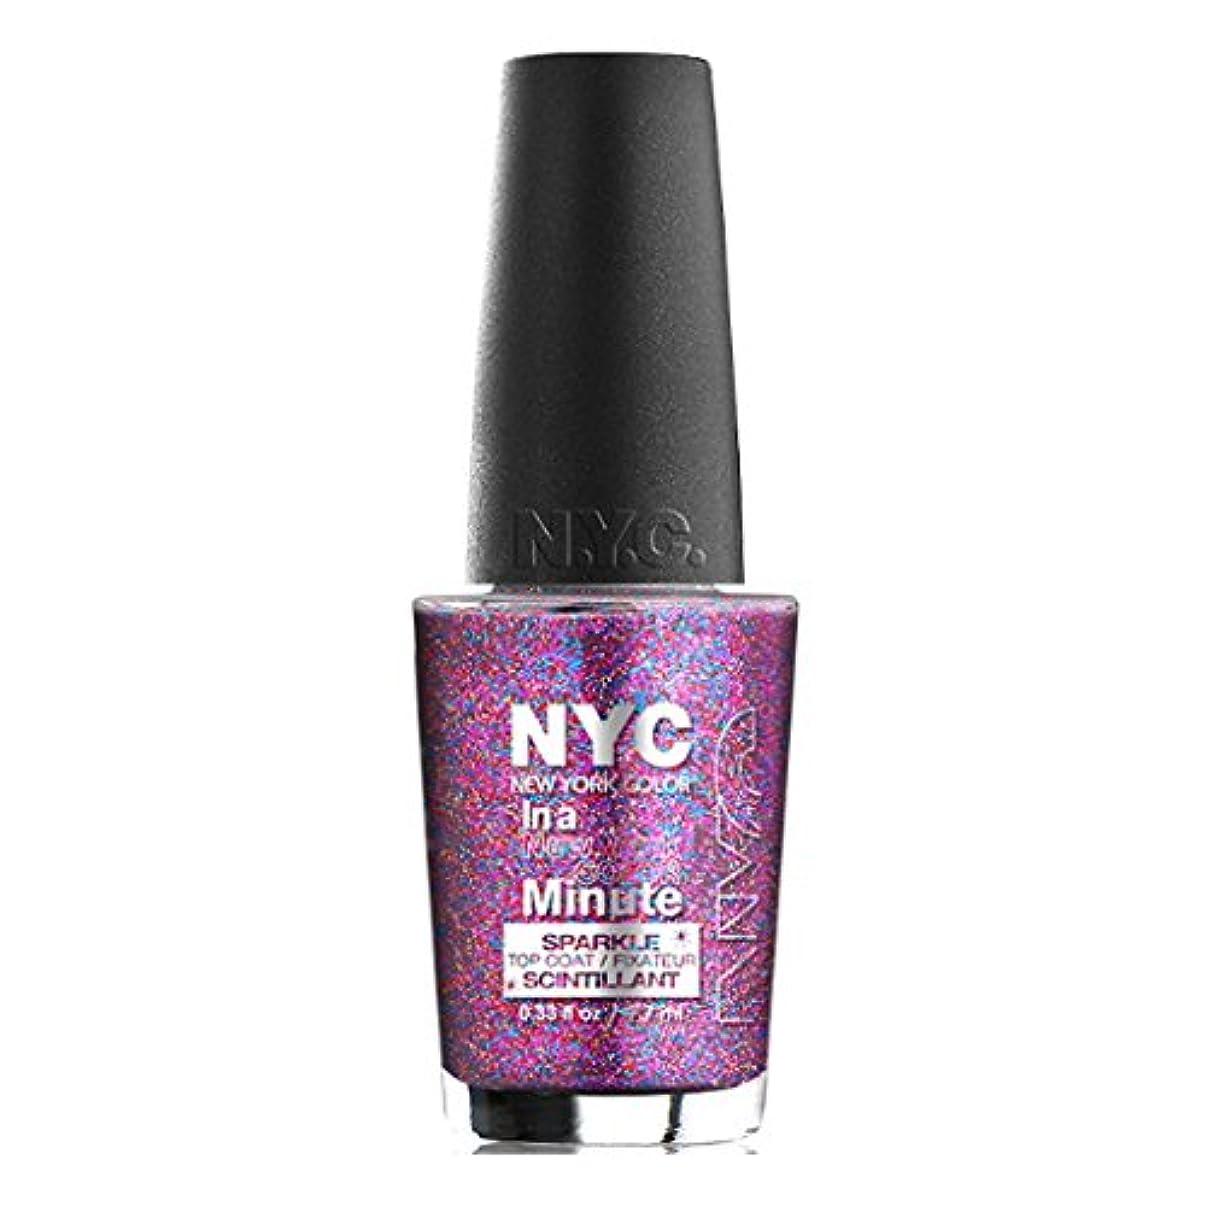 偏差リース似ているNYC In A New York Color Minute Sparkle Top Coat Big City Dazzle (並行輸入品)